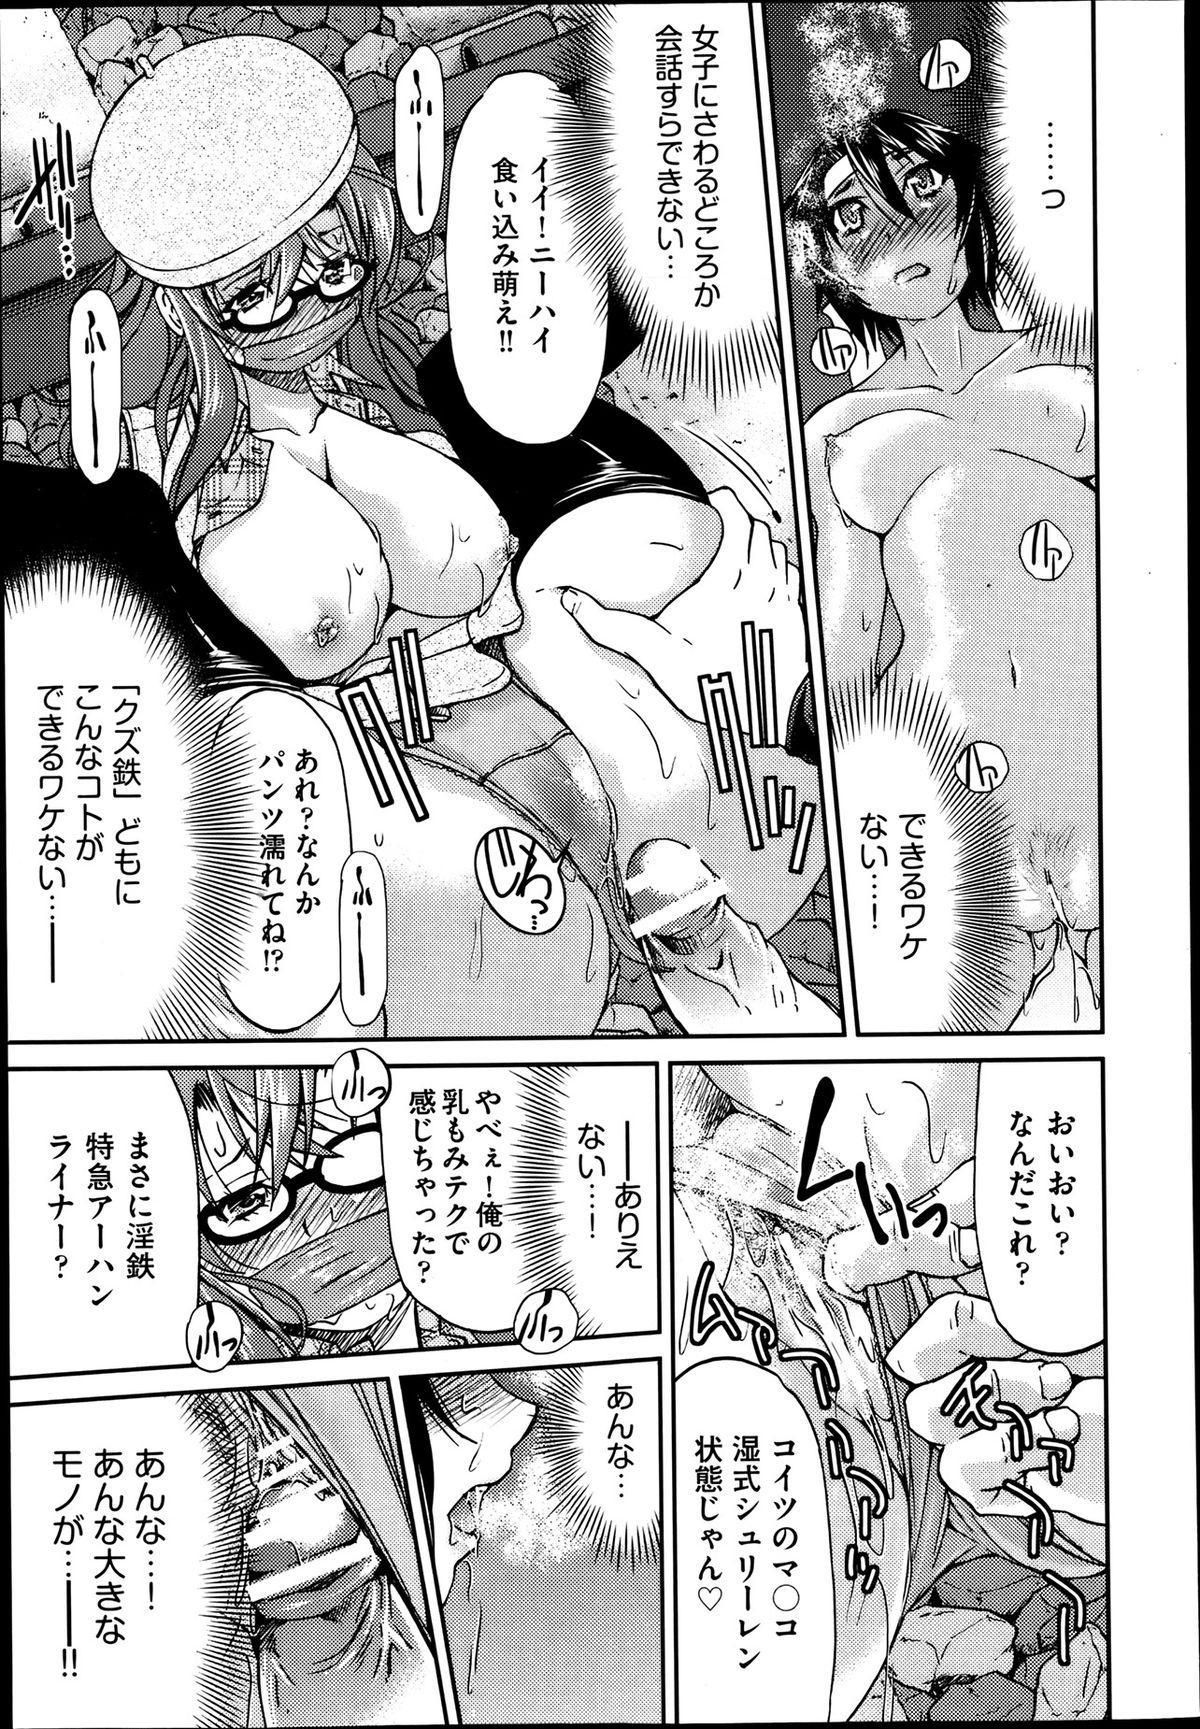 [Inoue Yoshihisa] Joshitetsu -Girls railway Geek- Ch.1-7 48